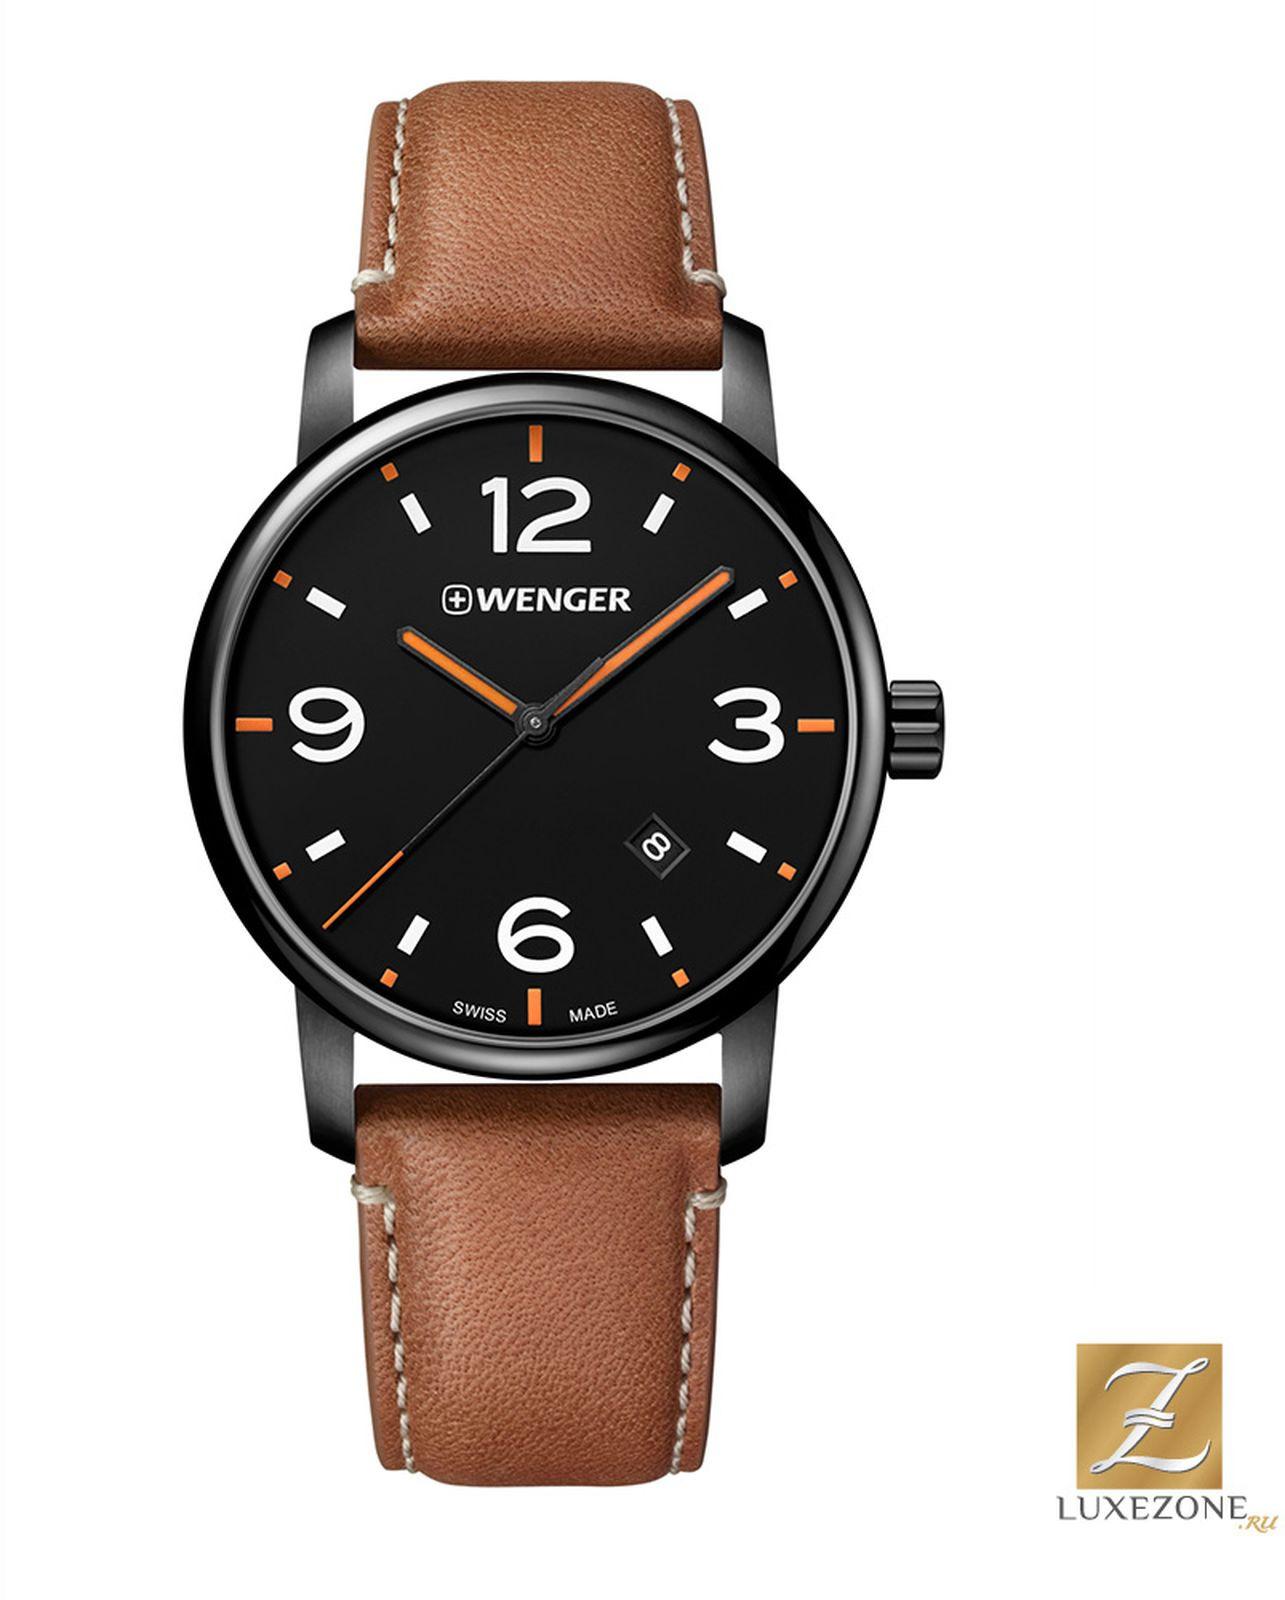 цена Наручные часы Wenger мужские, коричневый онлайн в 2017 году